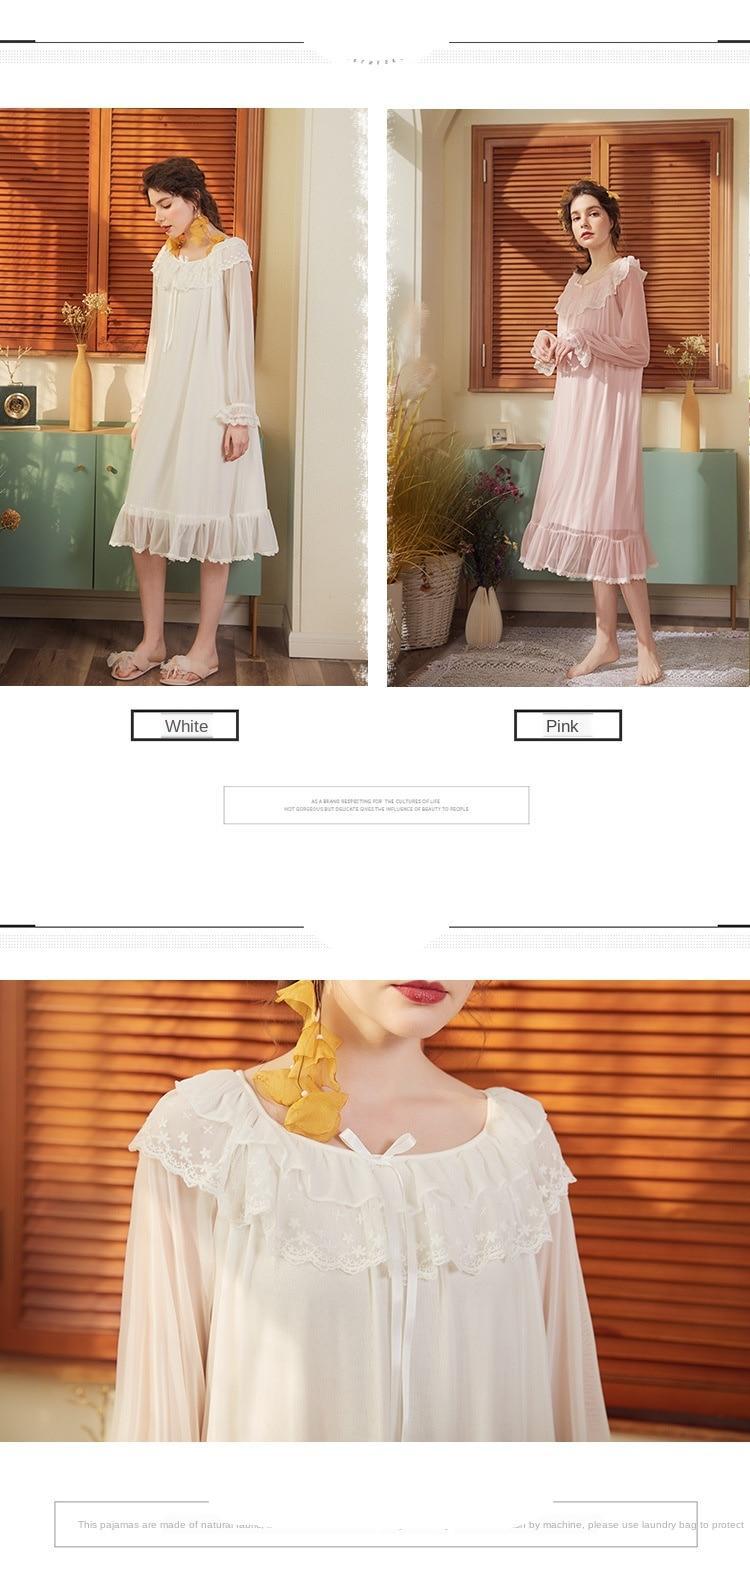 נשים שינה שמלה חדשה נסיכת בציר קפלי תחרה סקסית מודאלית כותונת ארמון כתונת לילה הלבשת בית ארוך חצאית